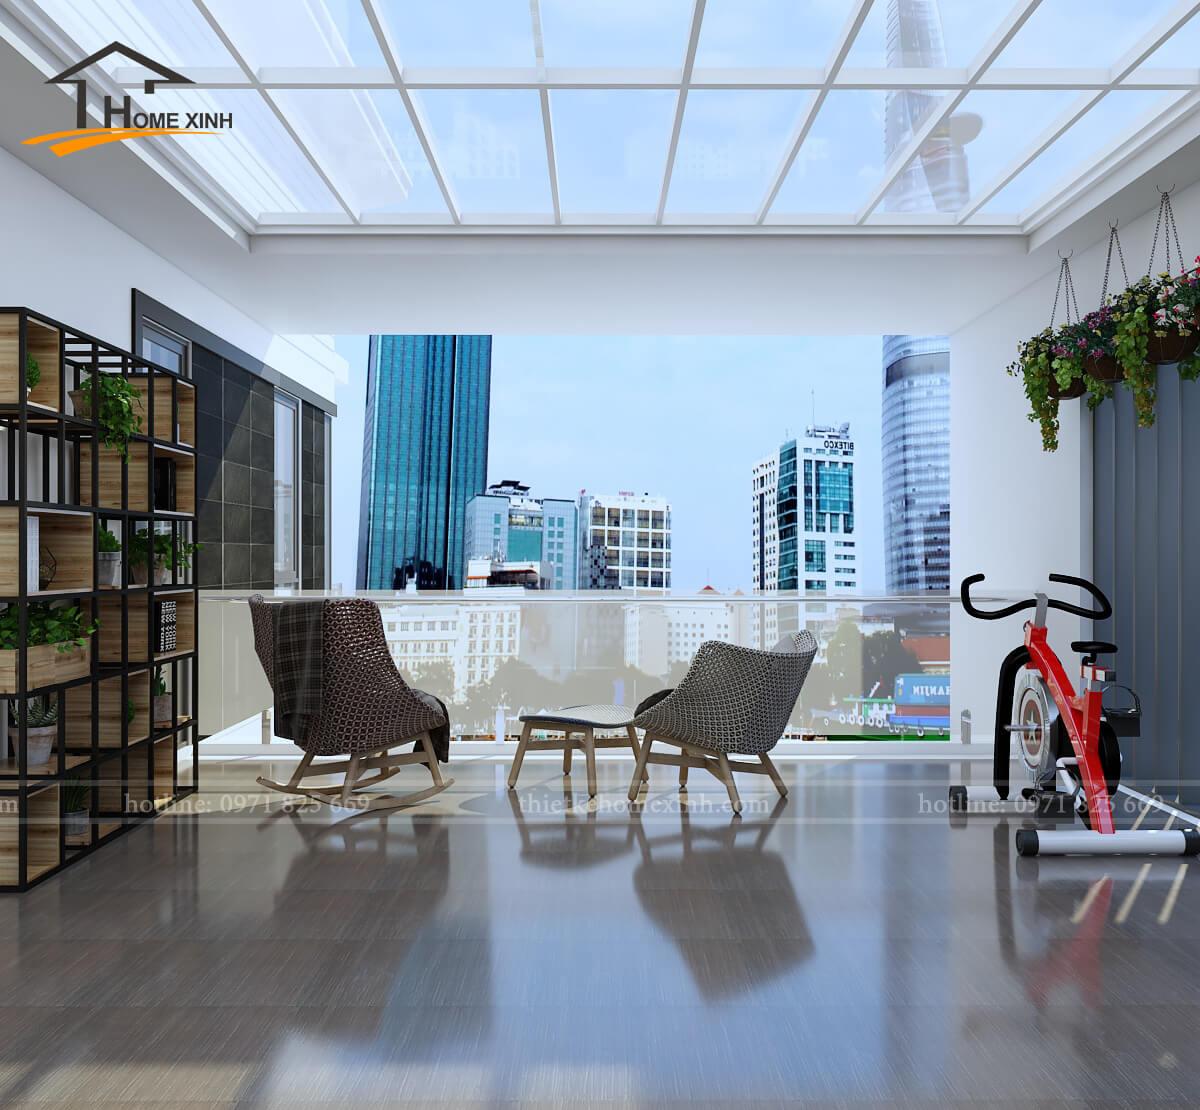 Phí thiết kế nội thất biệt thự tại HomeXinh